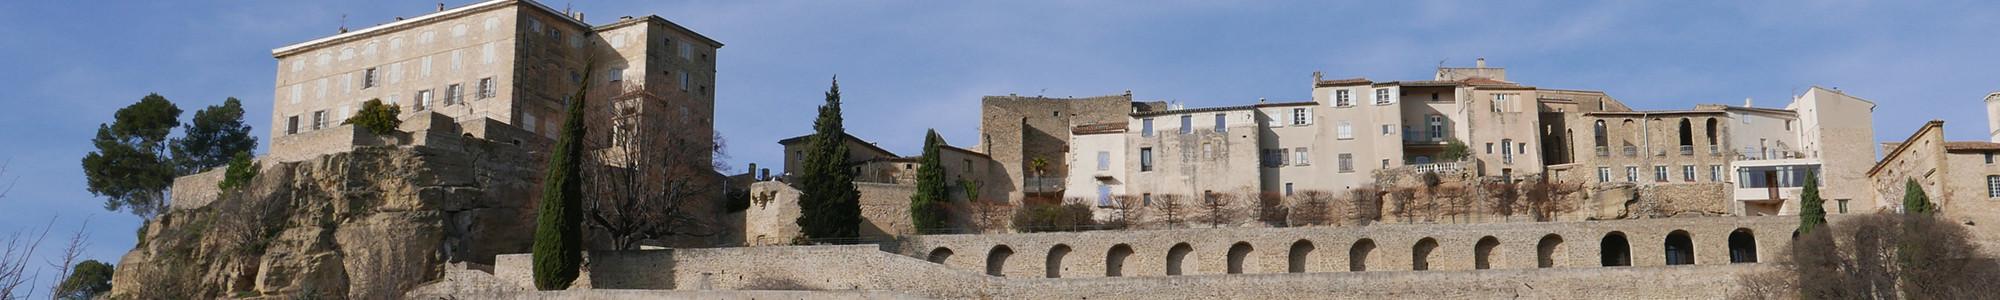 Adresses Clés Luberon- Salon-de-Provence - Alpilles